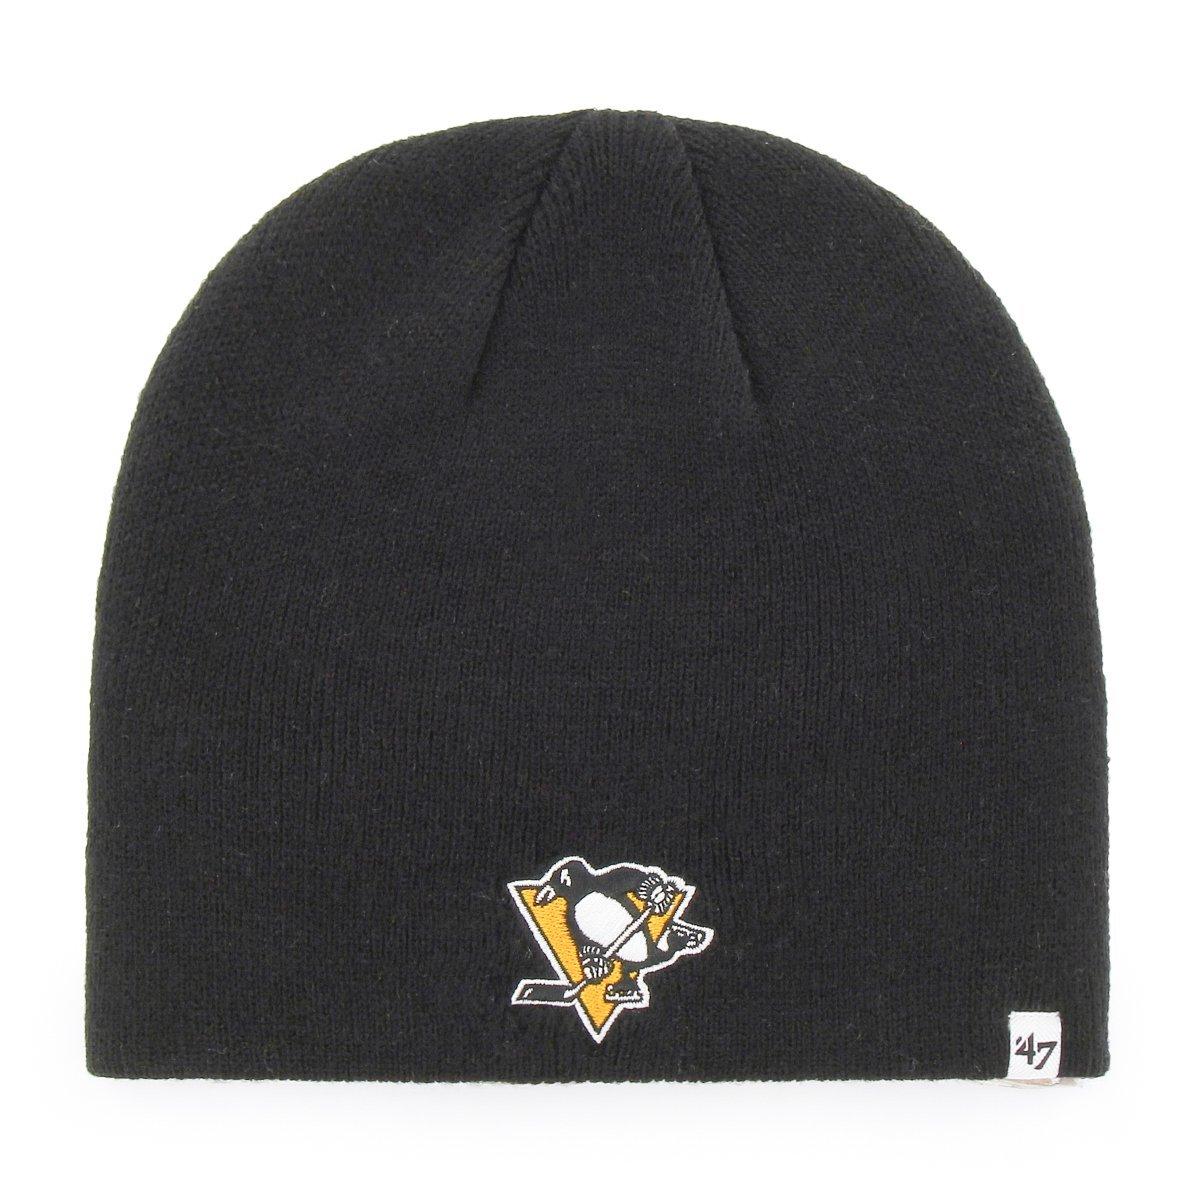 '47 BEANIE NHL Teams, nhl teams:Pittsburgh Penguins '47 BEANIE NHL Teams